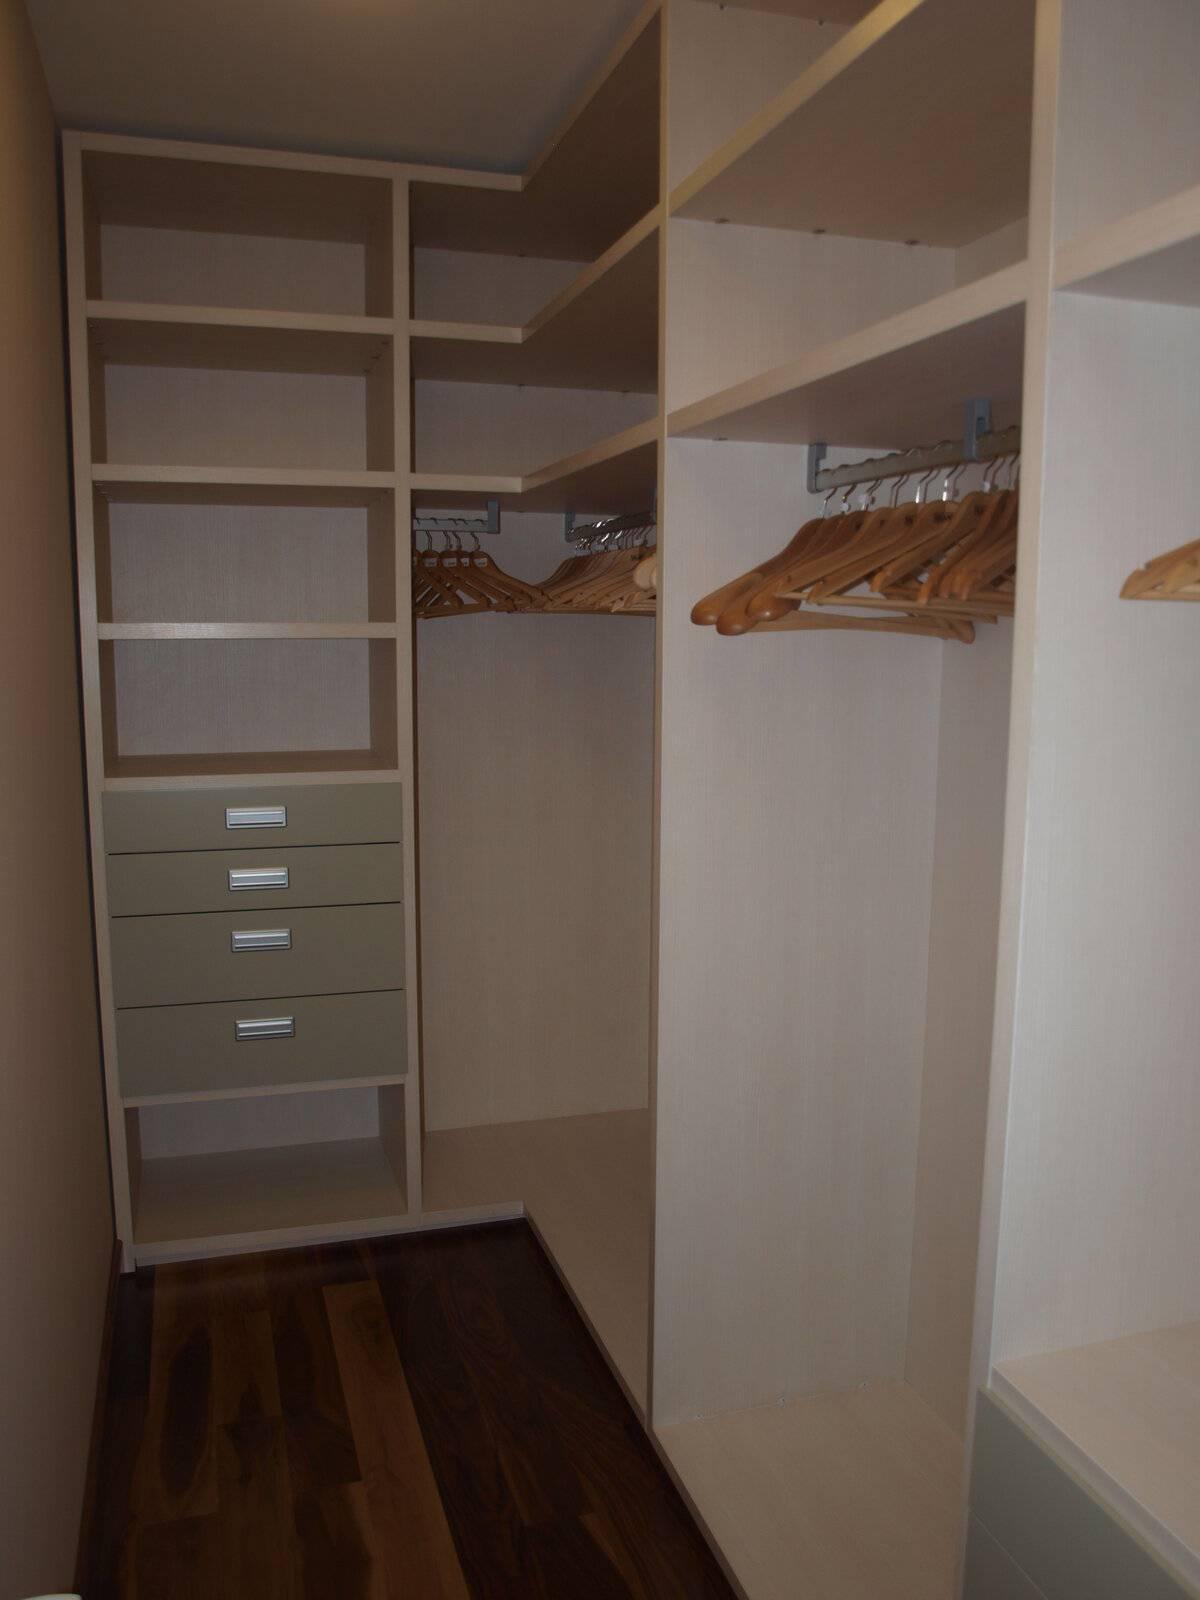 Гардеробная комната из кладовки своими руками: фото вариантов обустройства